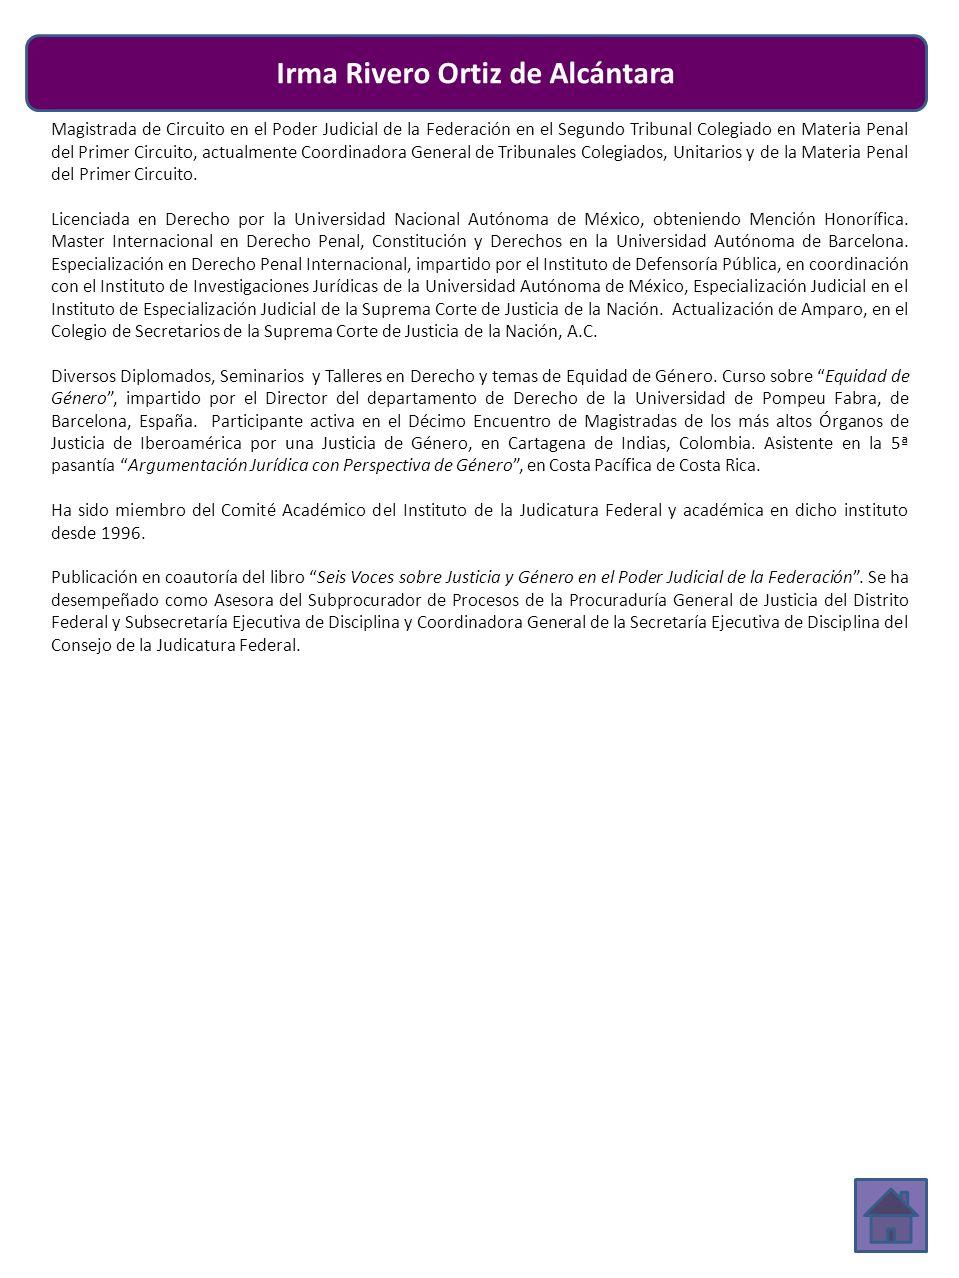 Irma Rivero Ortiz de Alcántara